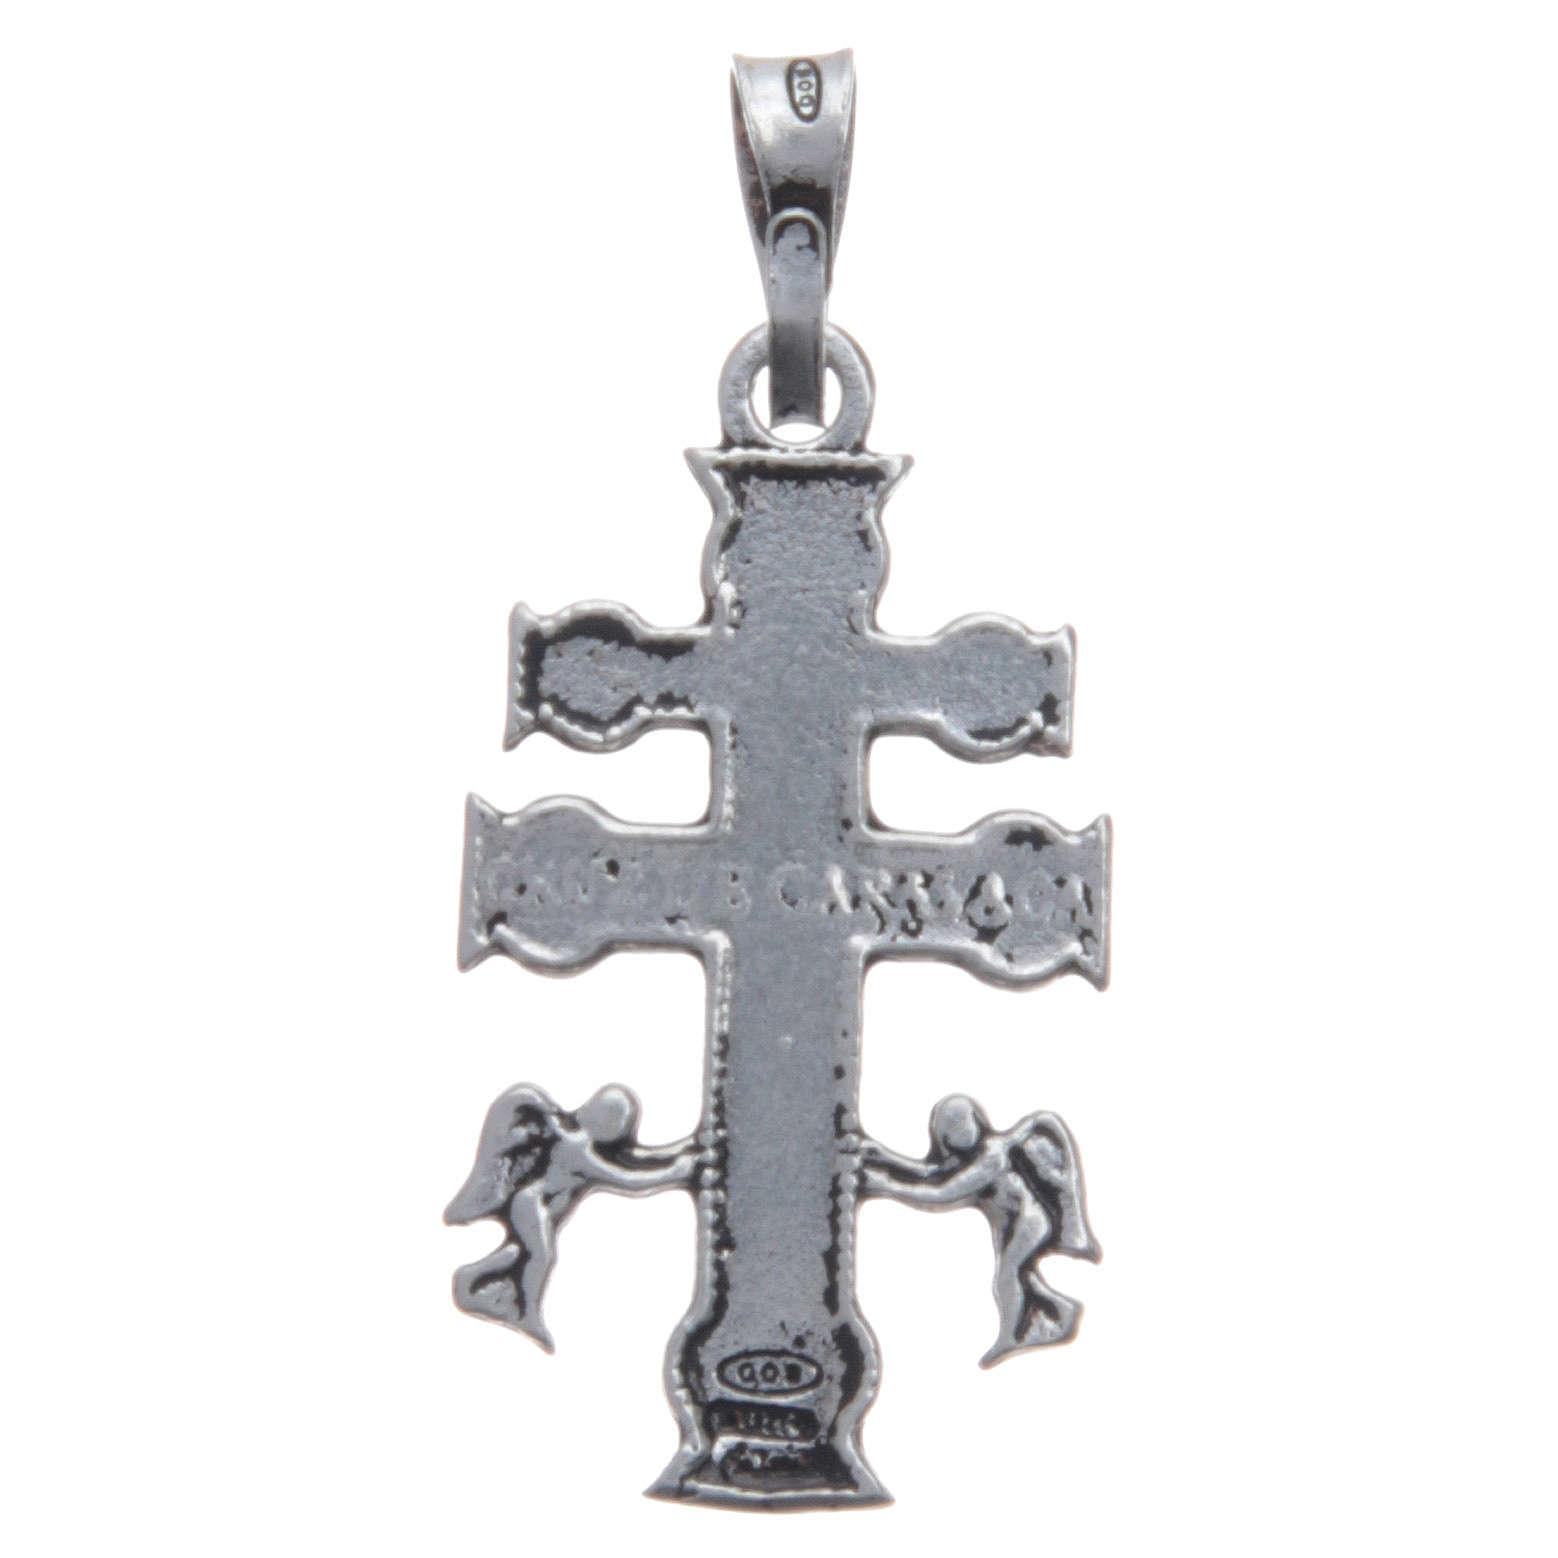 Croce di Caravaca in Argento 800 4